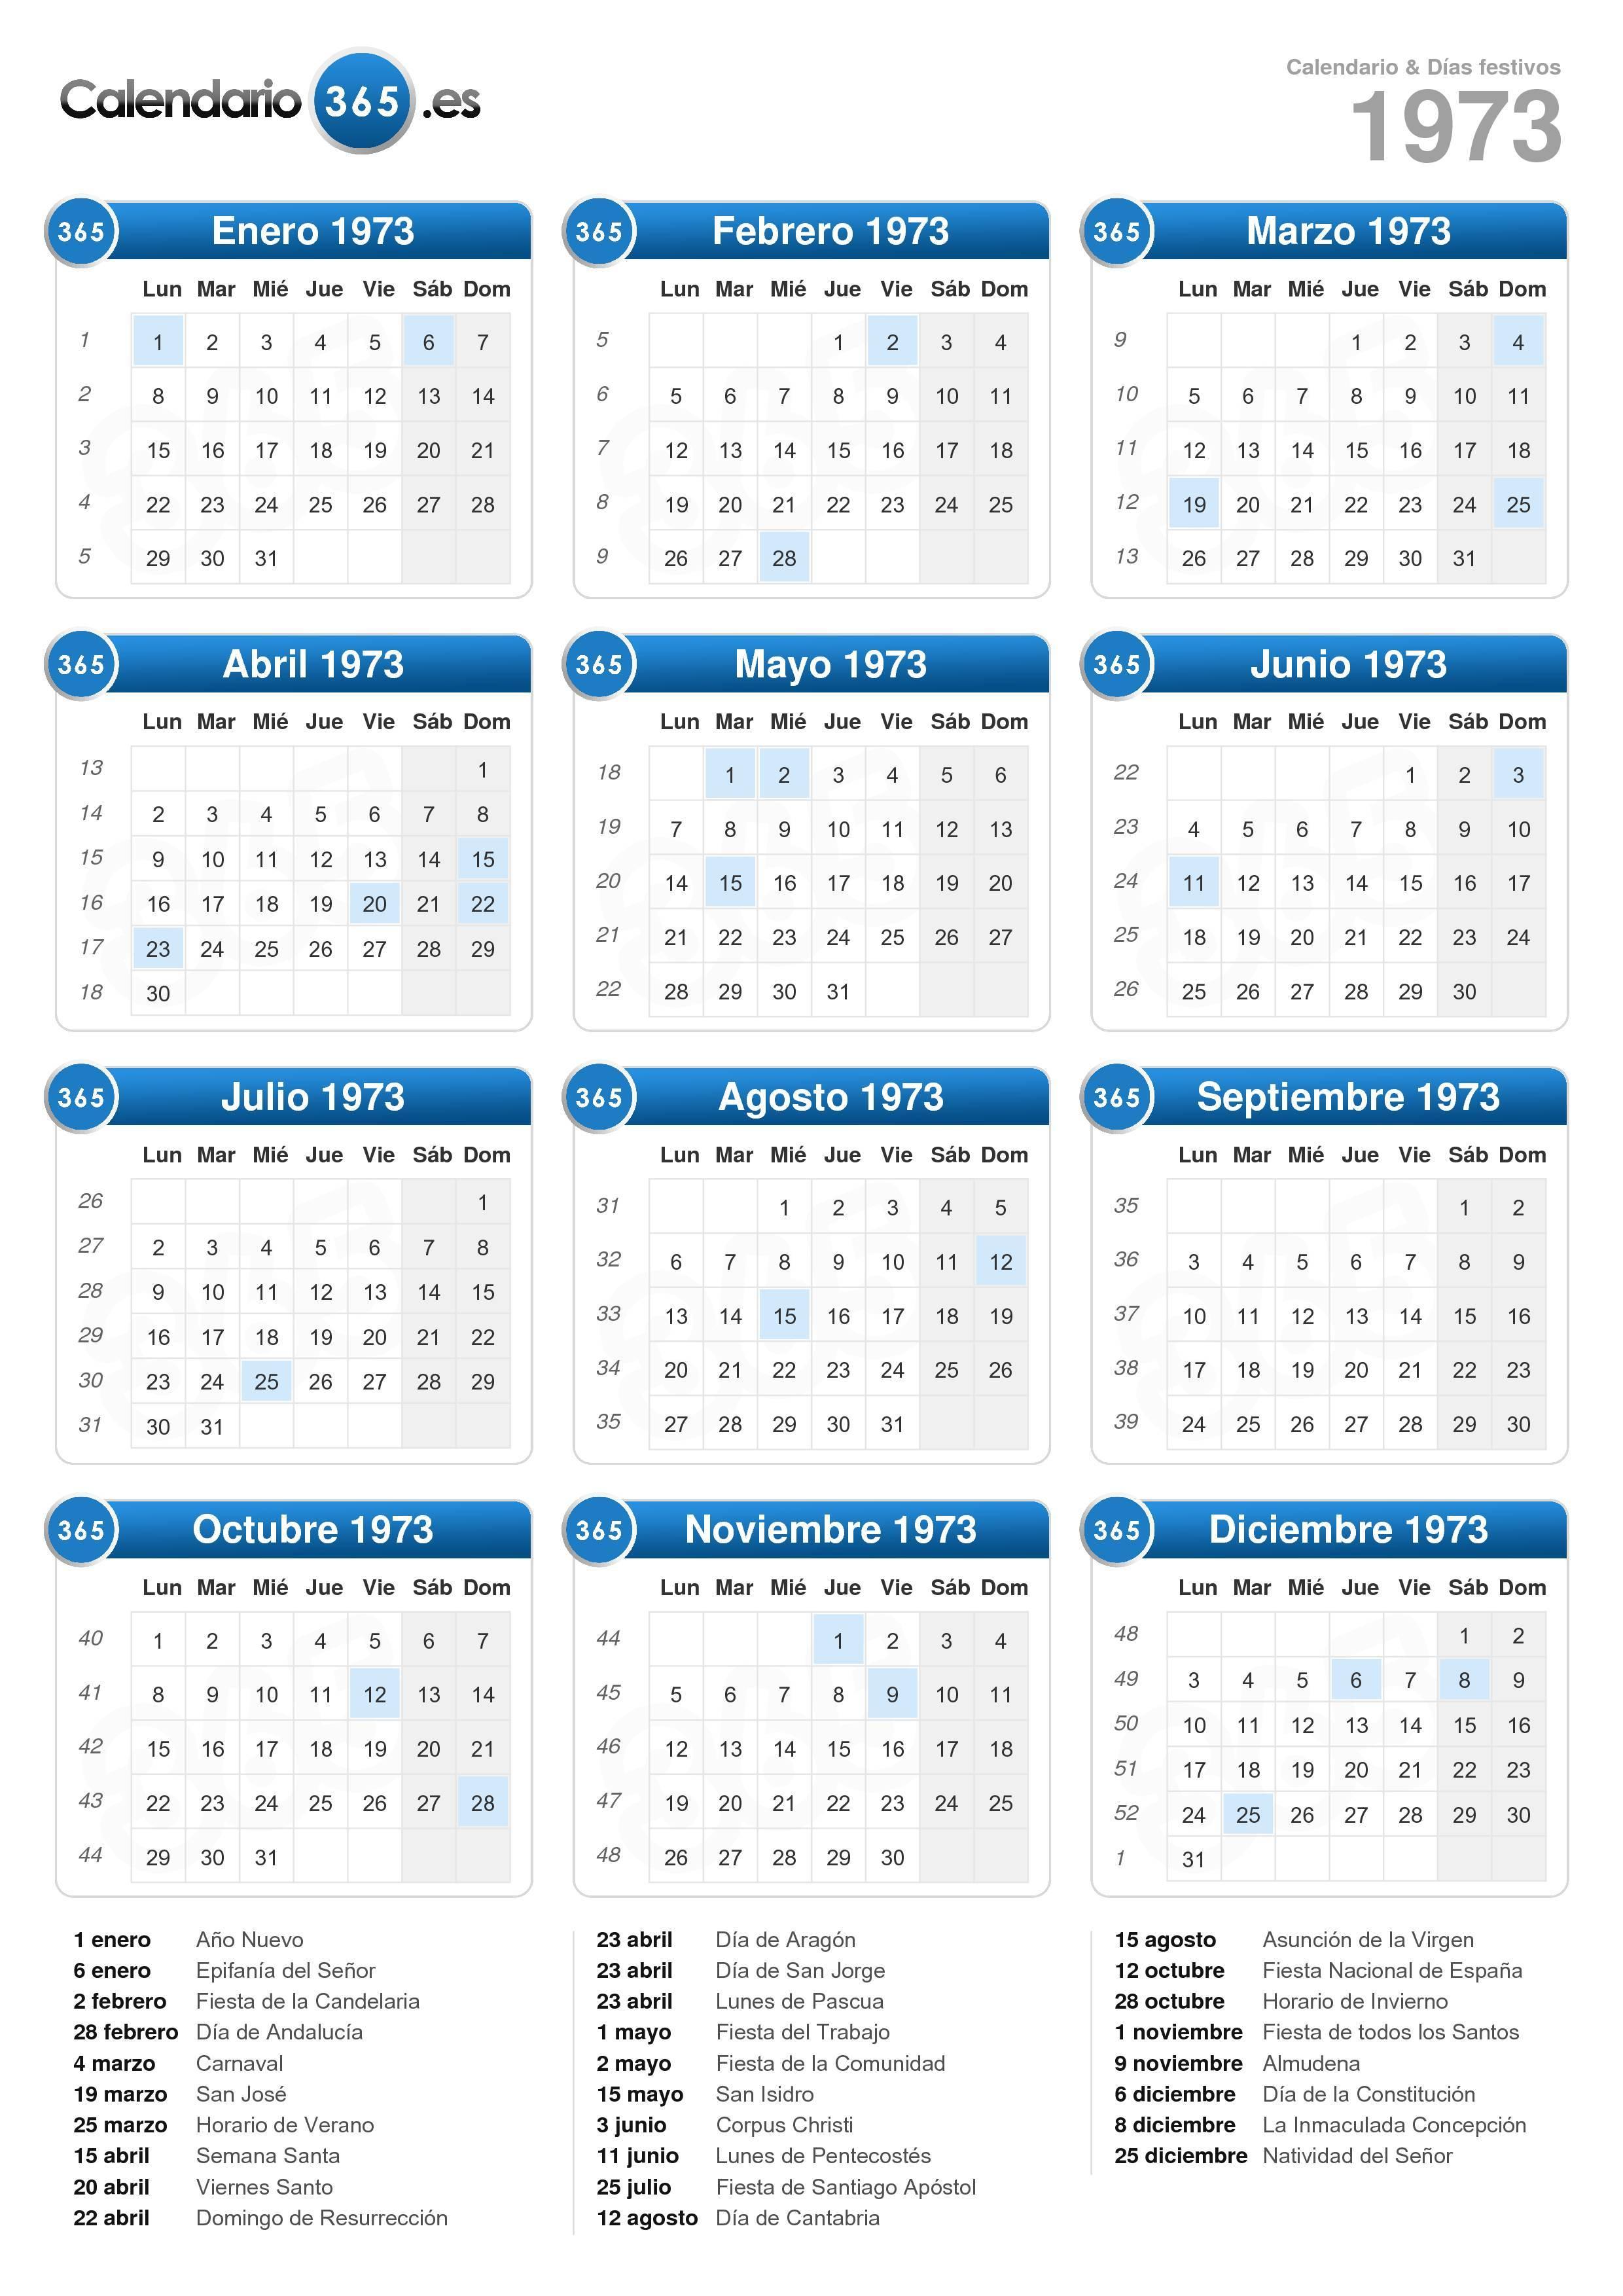 Calendario 1973.Calendario 1973